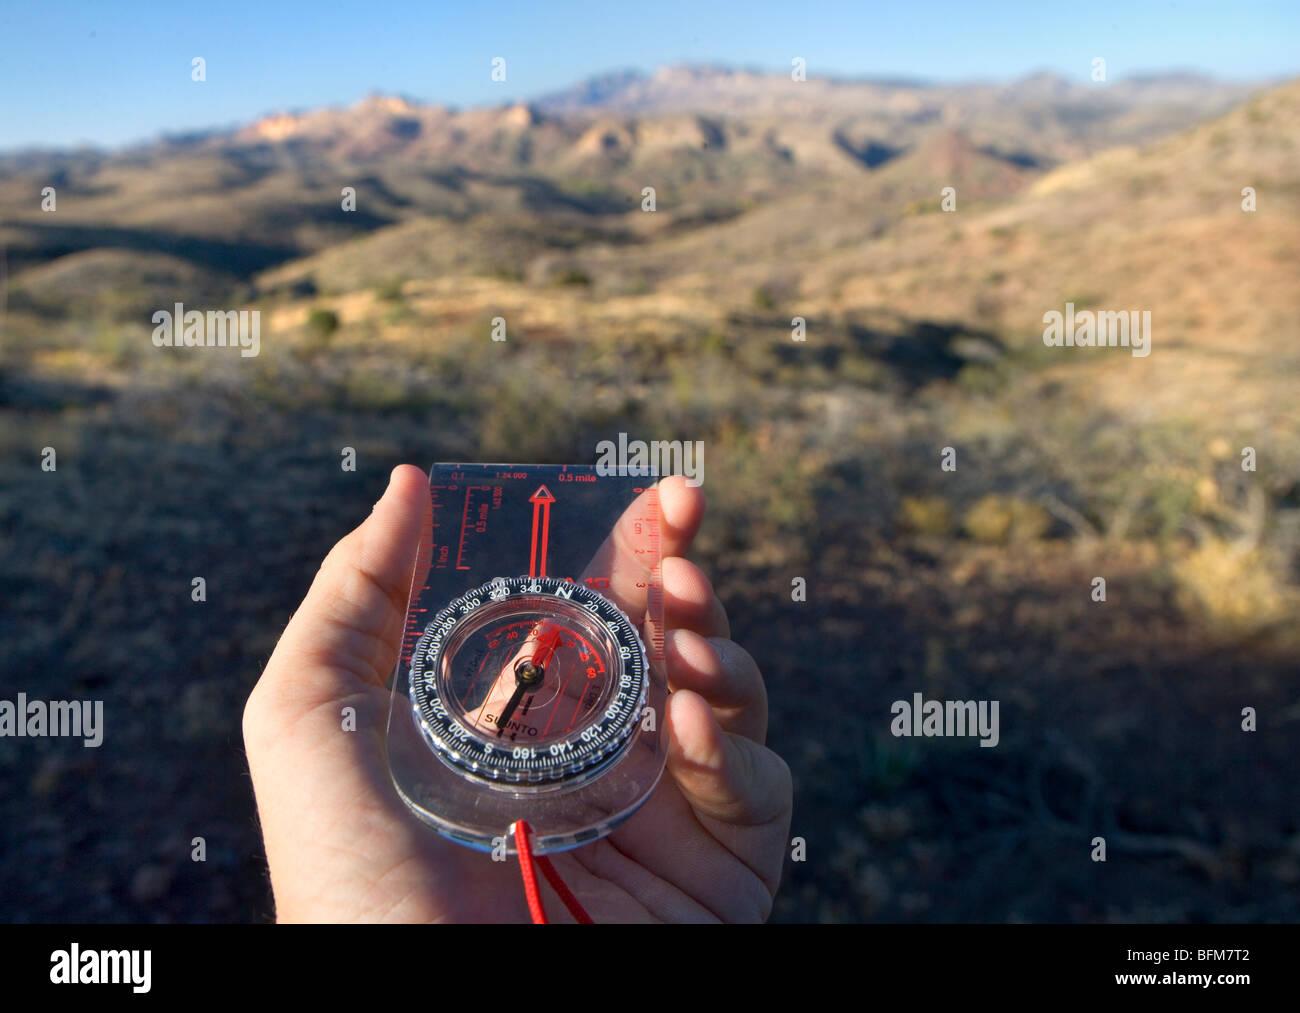 Mit Blick auf einen Kompass Wandern beim Wandern. Stockfoto